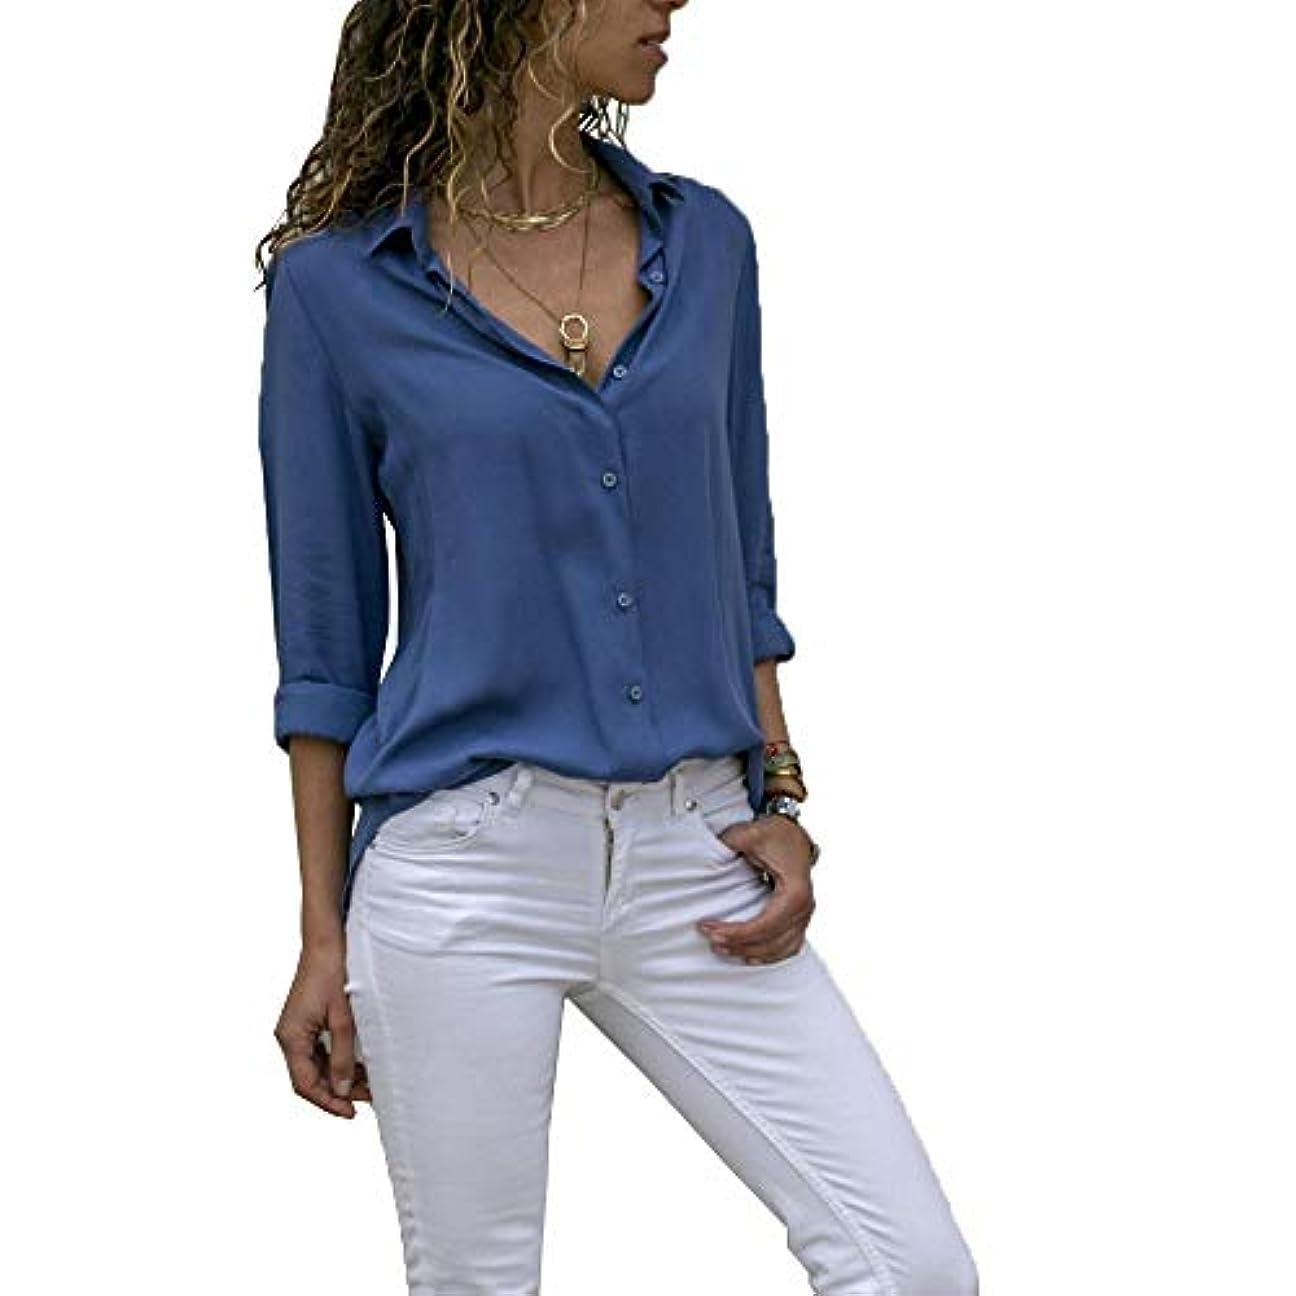 寛解バインド修理可能MIFAN ルーズシャツ、トップス&Tシャツ、プラスサイズ、トップス&ブラウス、シフォンブラウス、女性トップス、シフォンシャツ